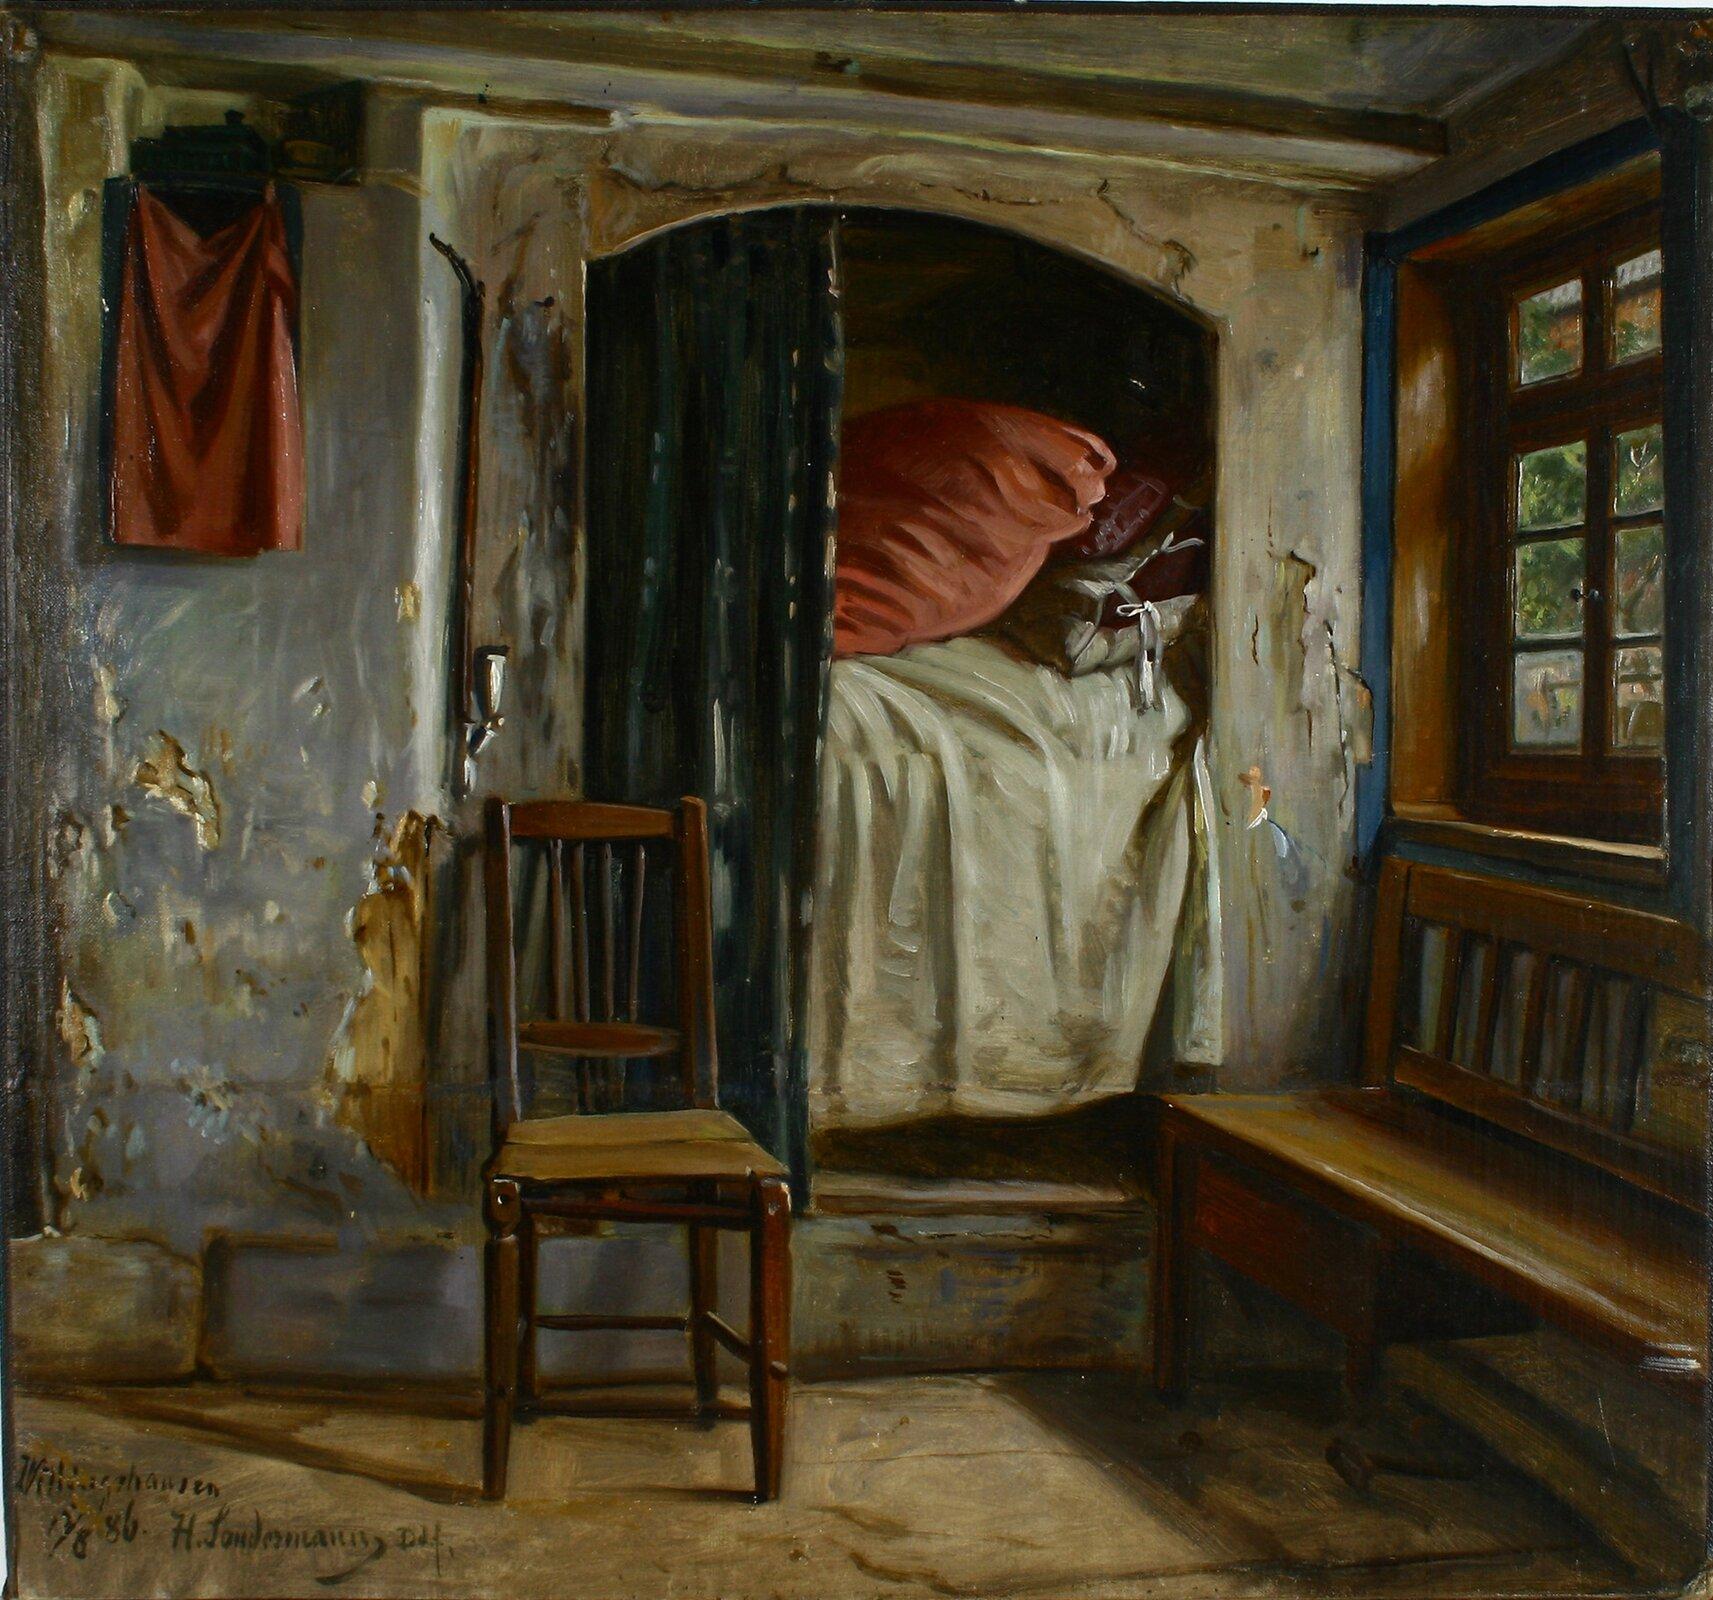 Alkowa Źródło: Hermann Sondermann, Alkowa, 1886, olej na płótnie zamontowany na tekturze, domena publiczna.